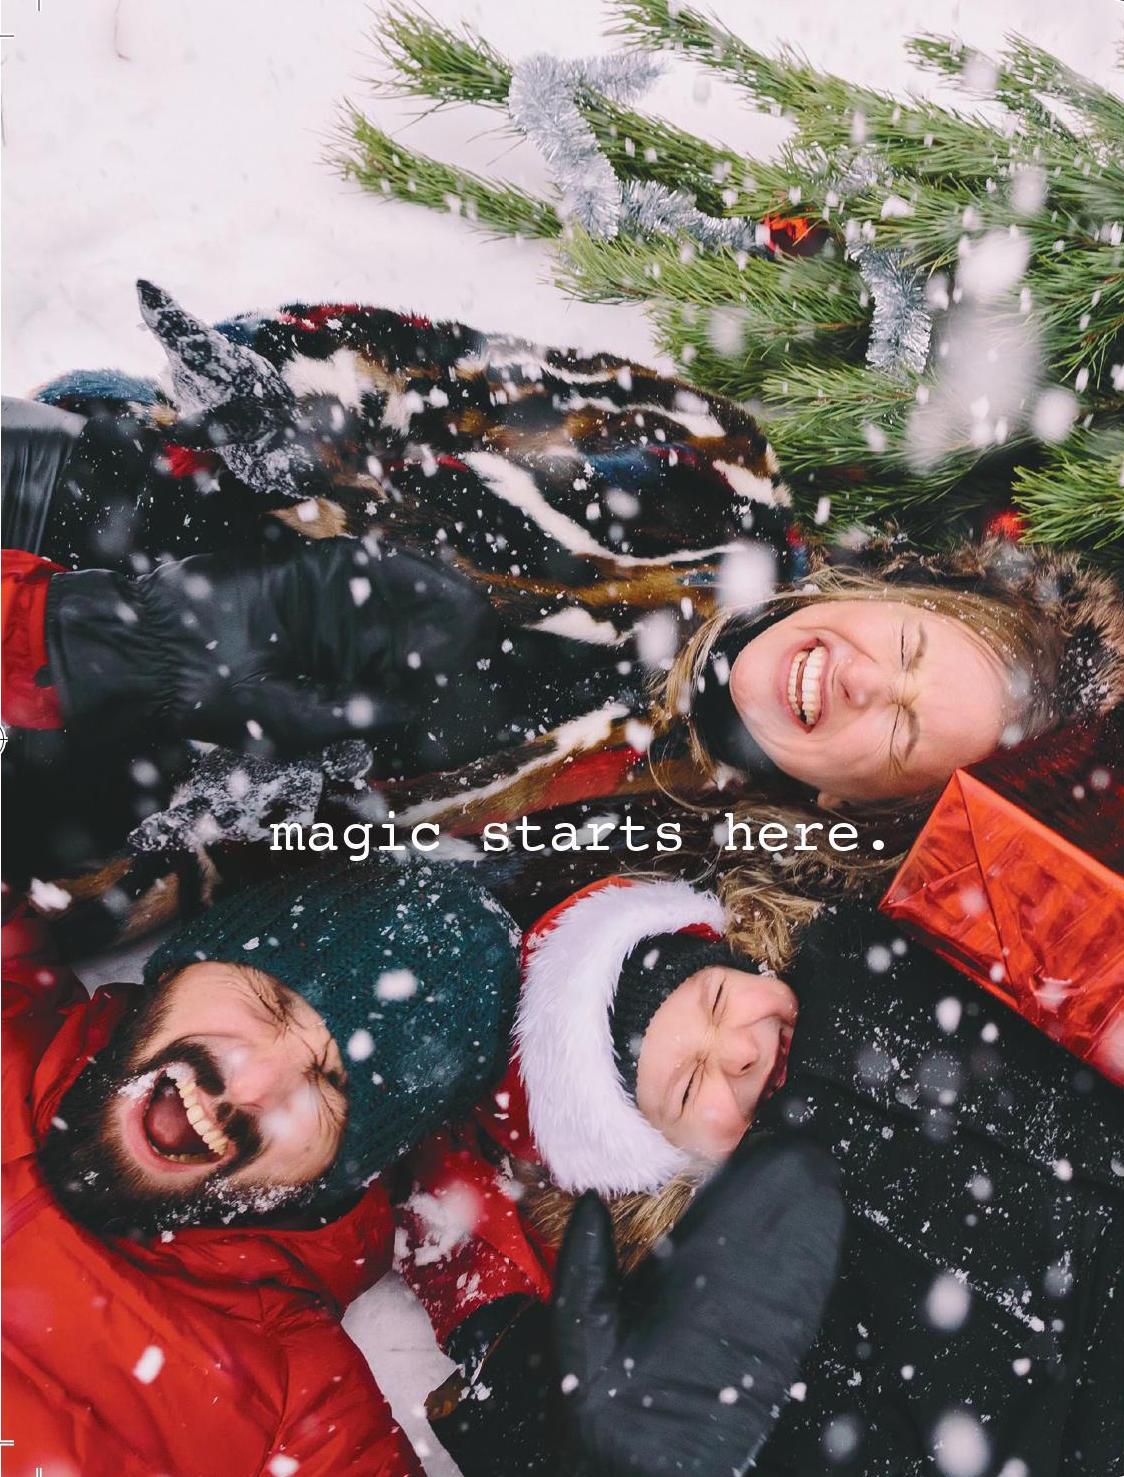 Holiday fun at The Shops at Highland Village